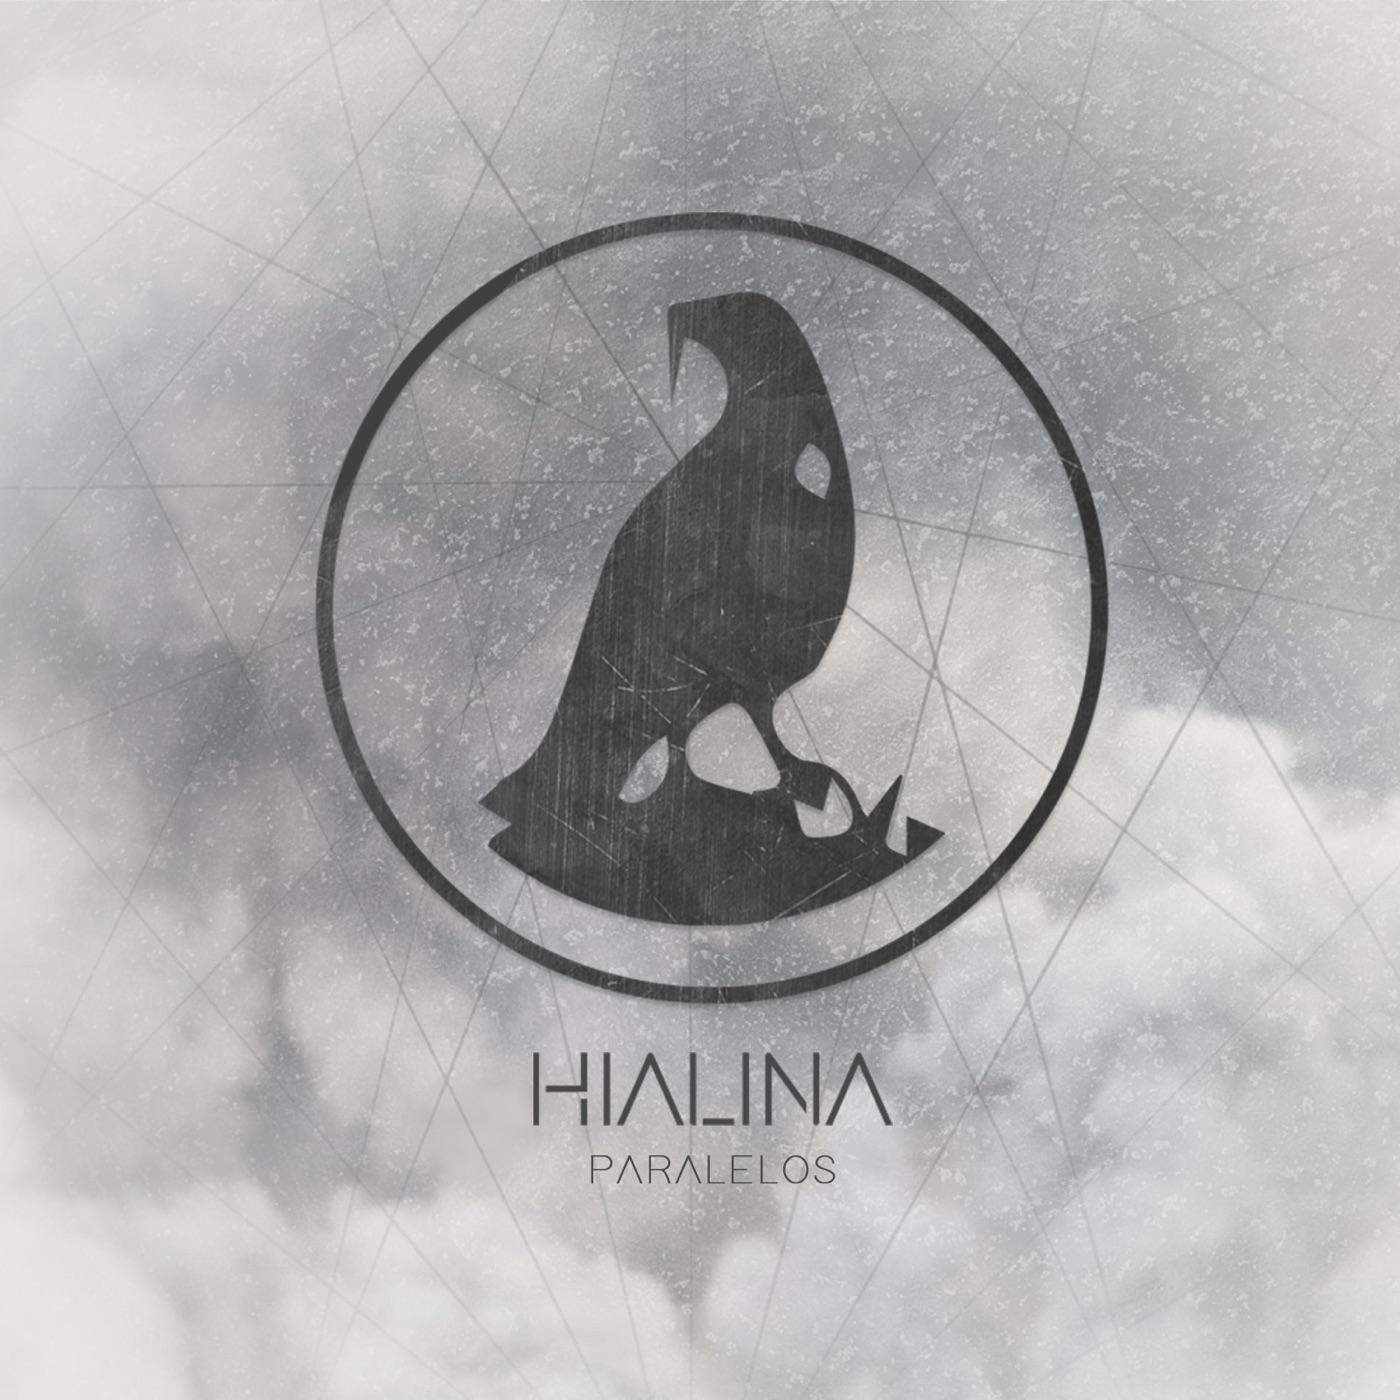 Hialina – Paralelos (2018)